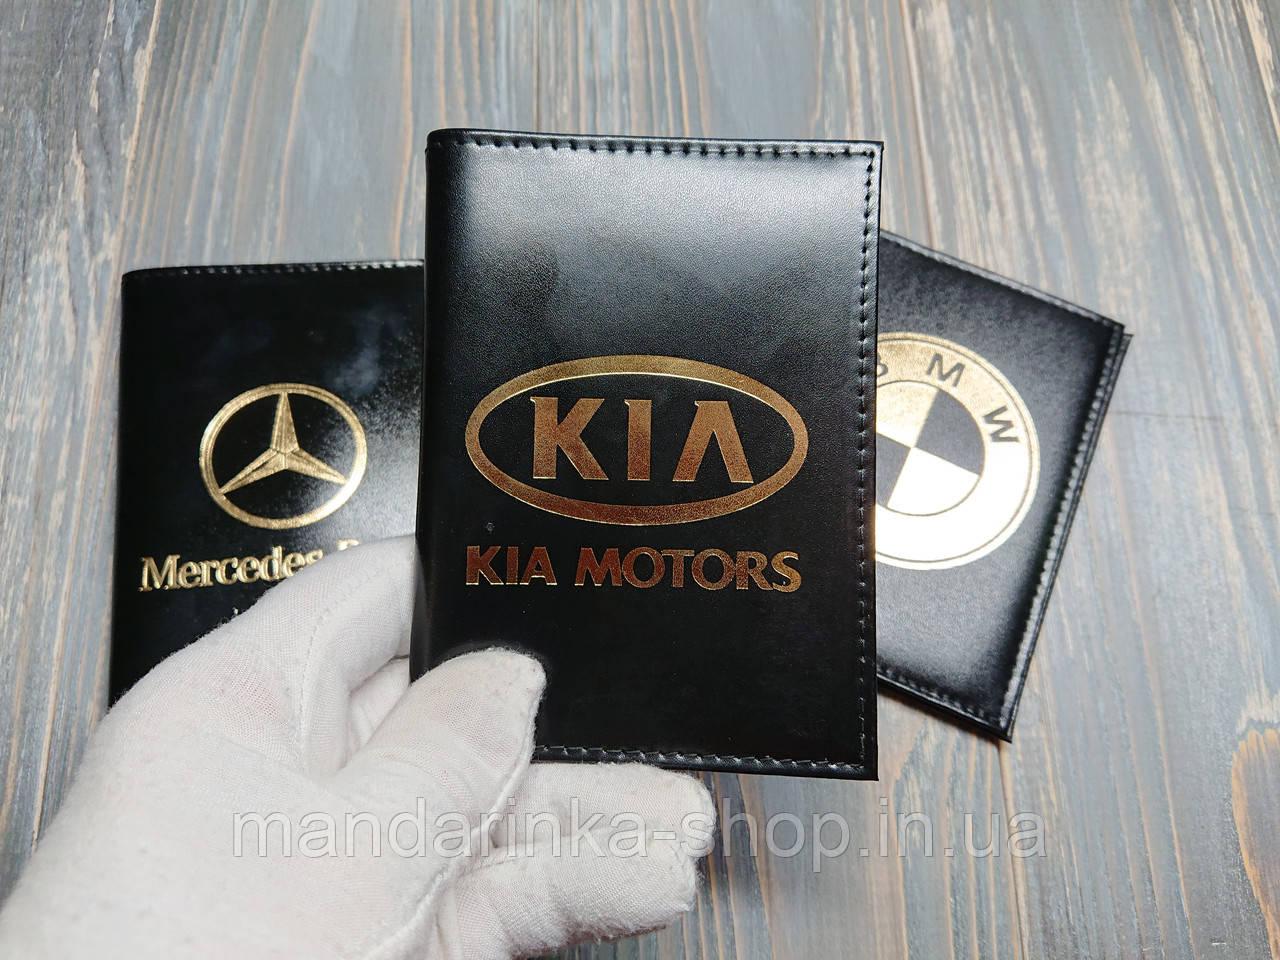 Шкіряна обкладинка для автодокументів з логотипом KIA, для прав старого і нового зразка